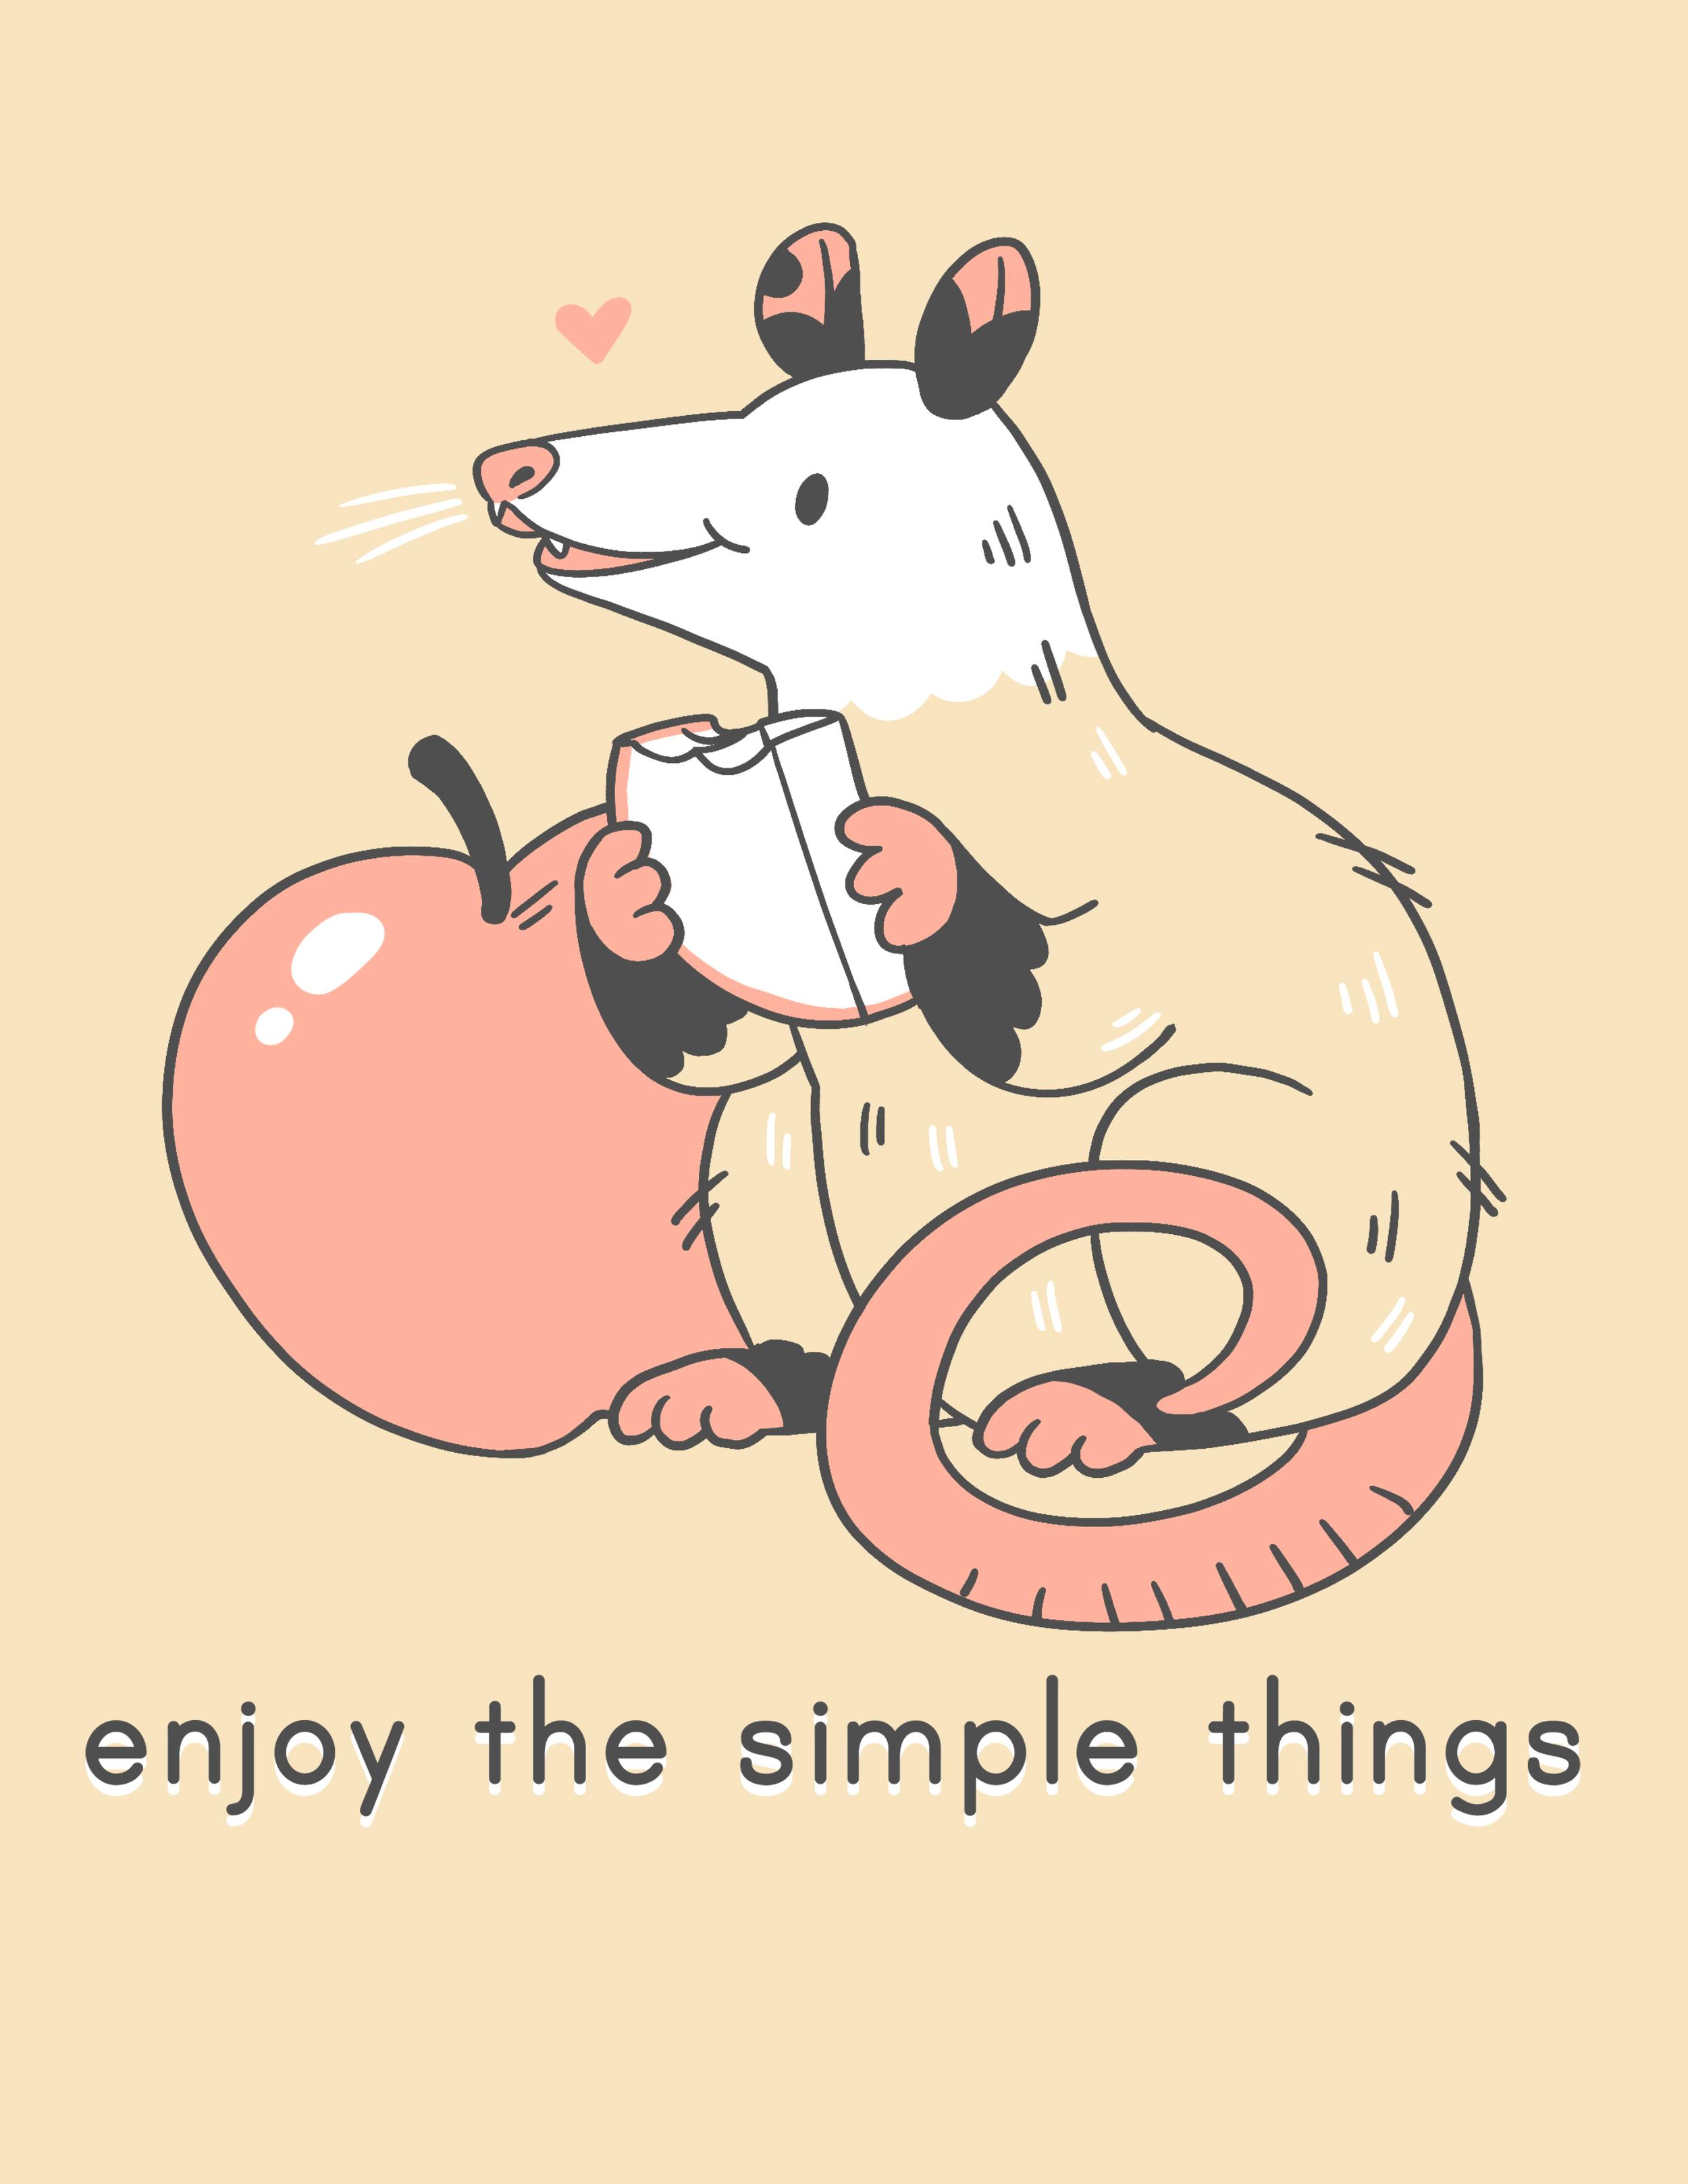 simplethings.png